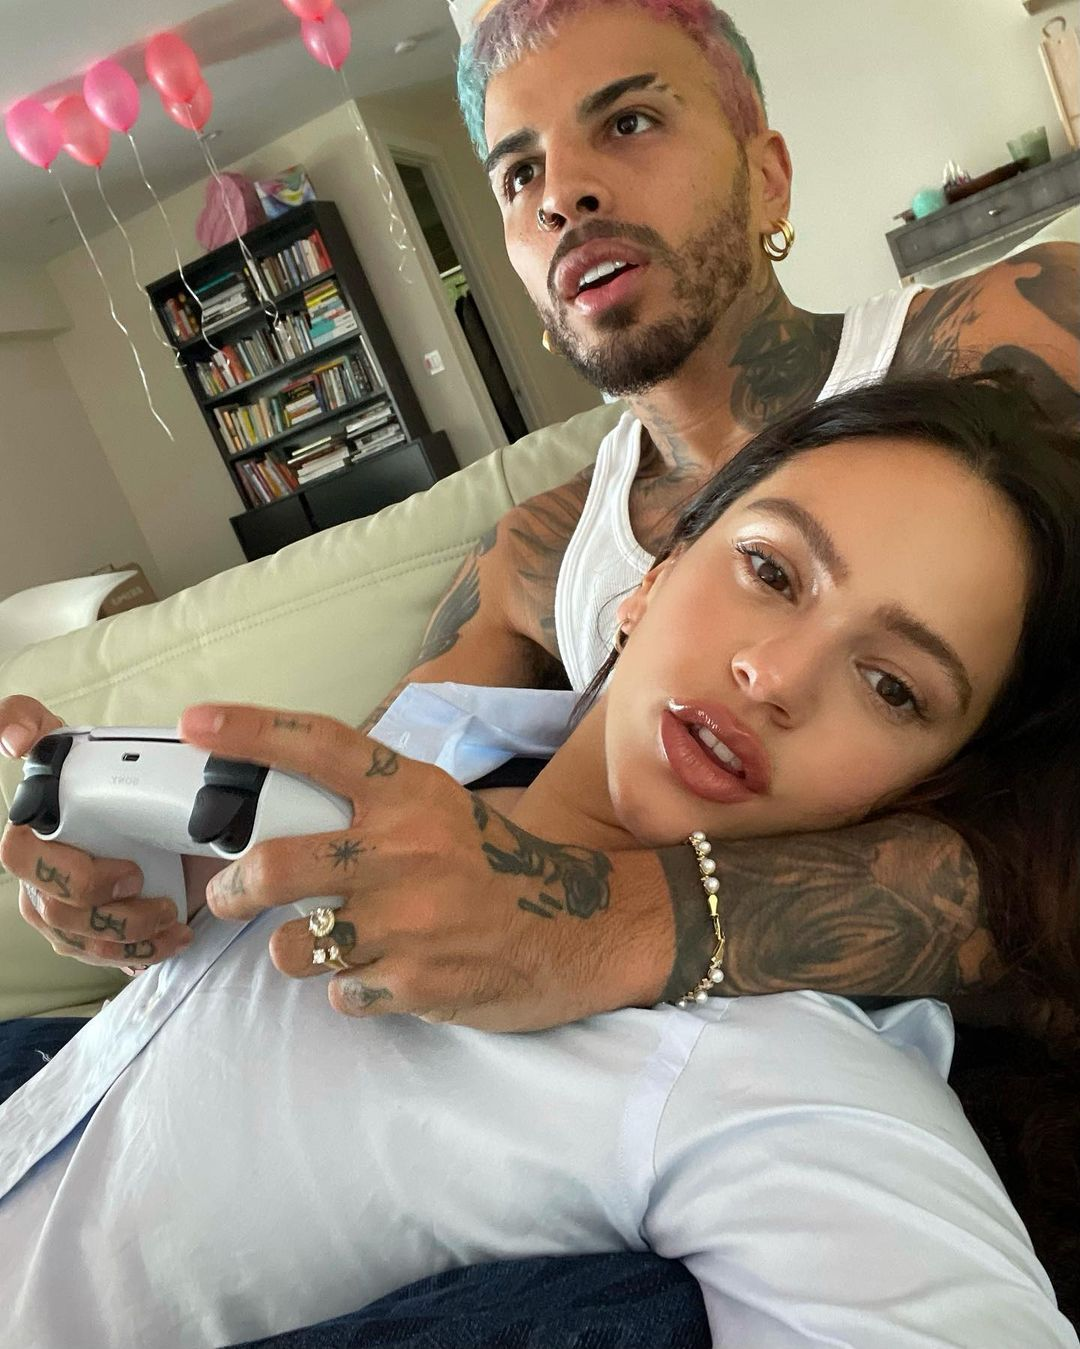 Rosalía confirma su relación con Rauw Alejandro con románticas fotos